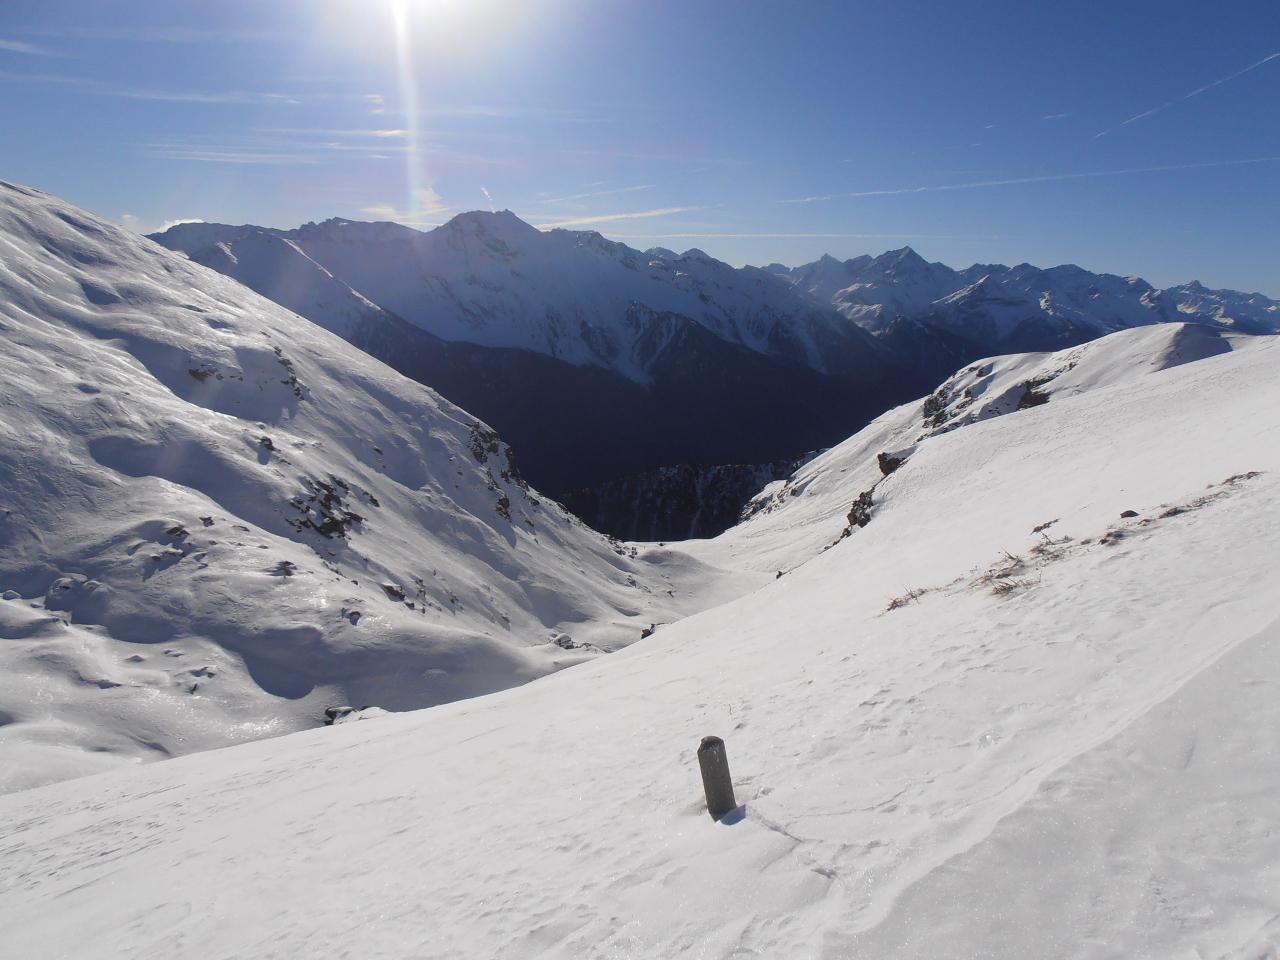 07 - verso la Val Chisone dal Caserma del Gran Serin